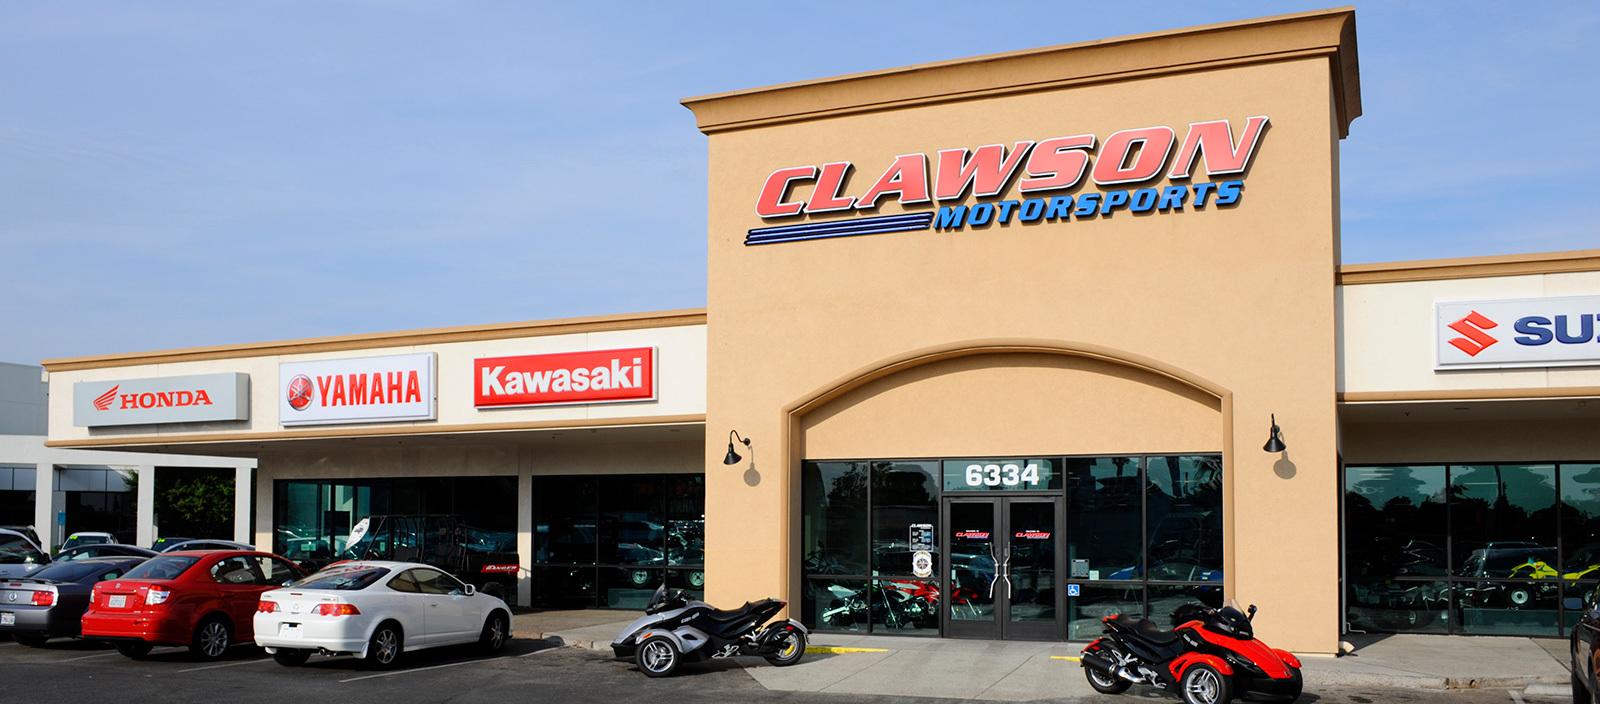 Clawson A